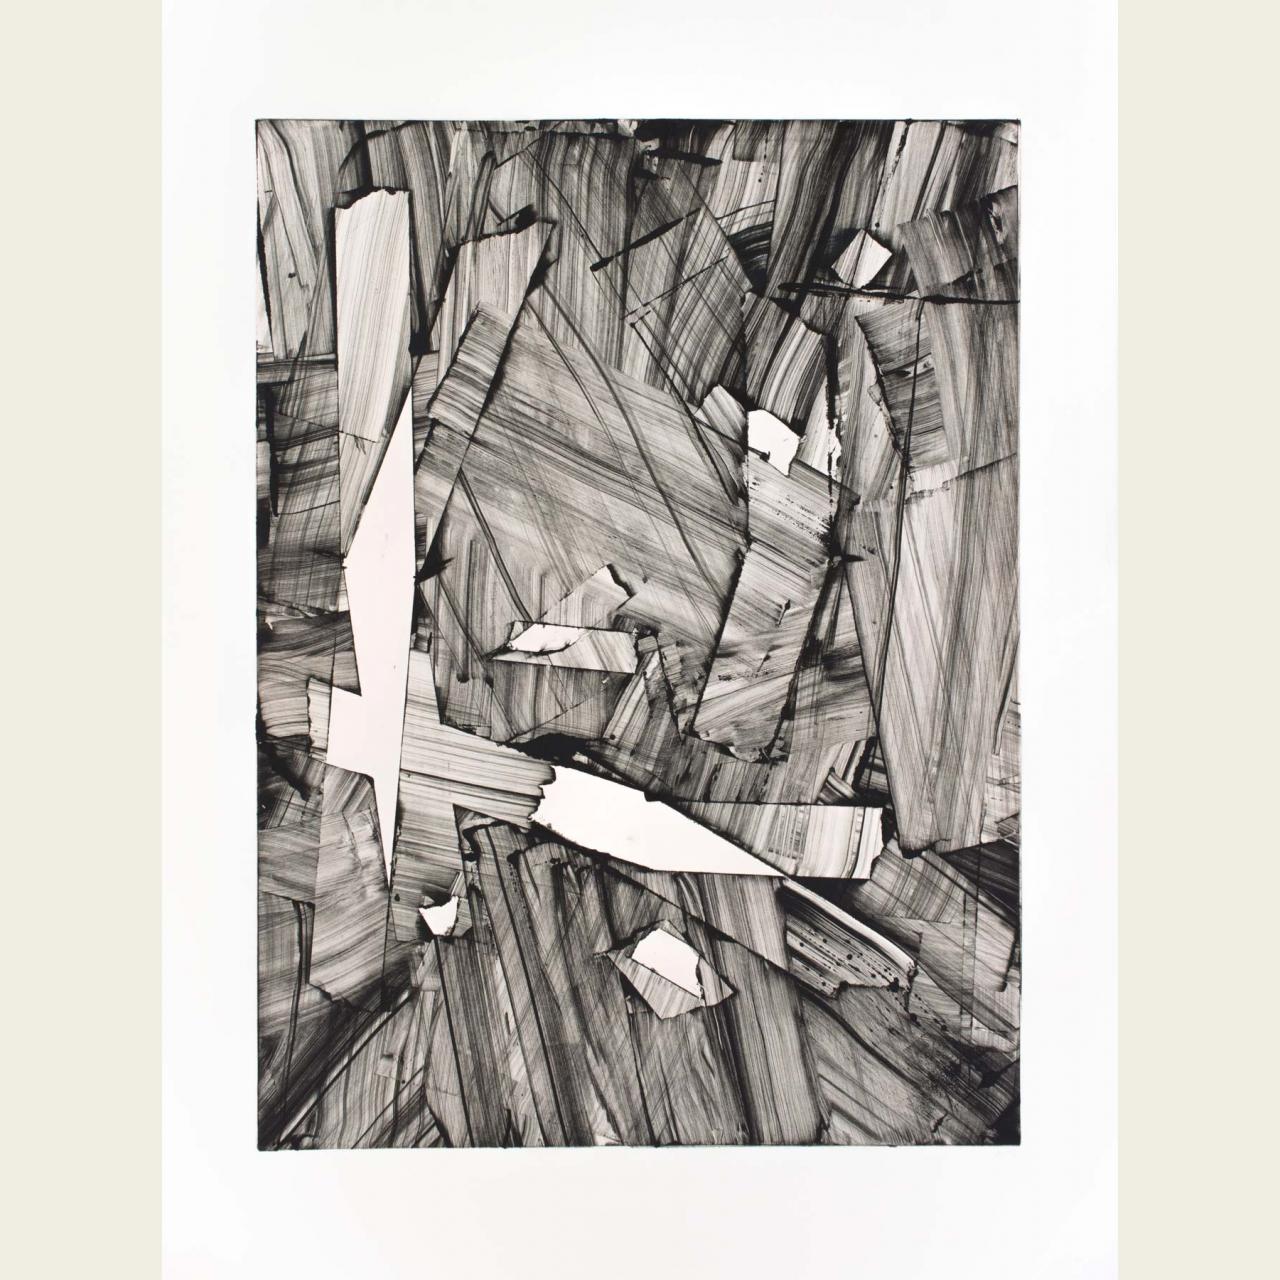 Untitled (large) VIII